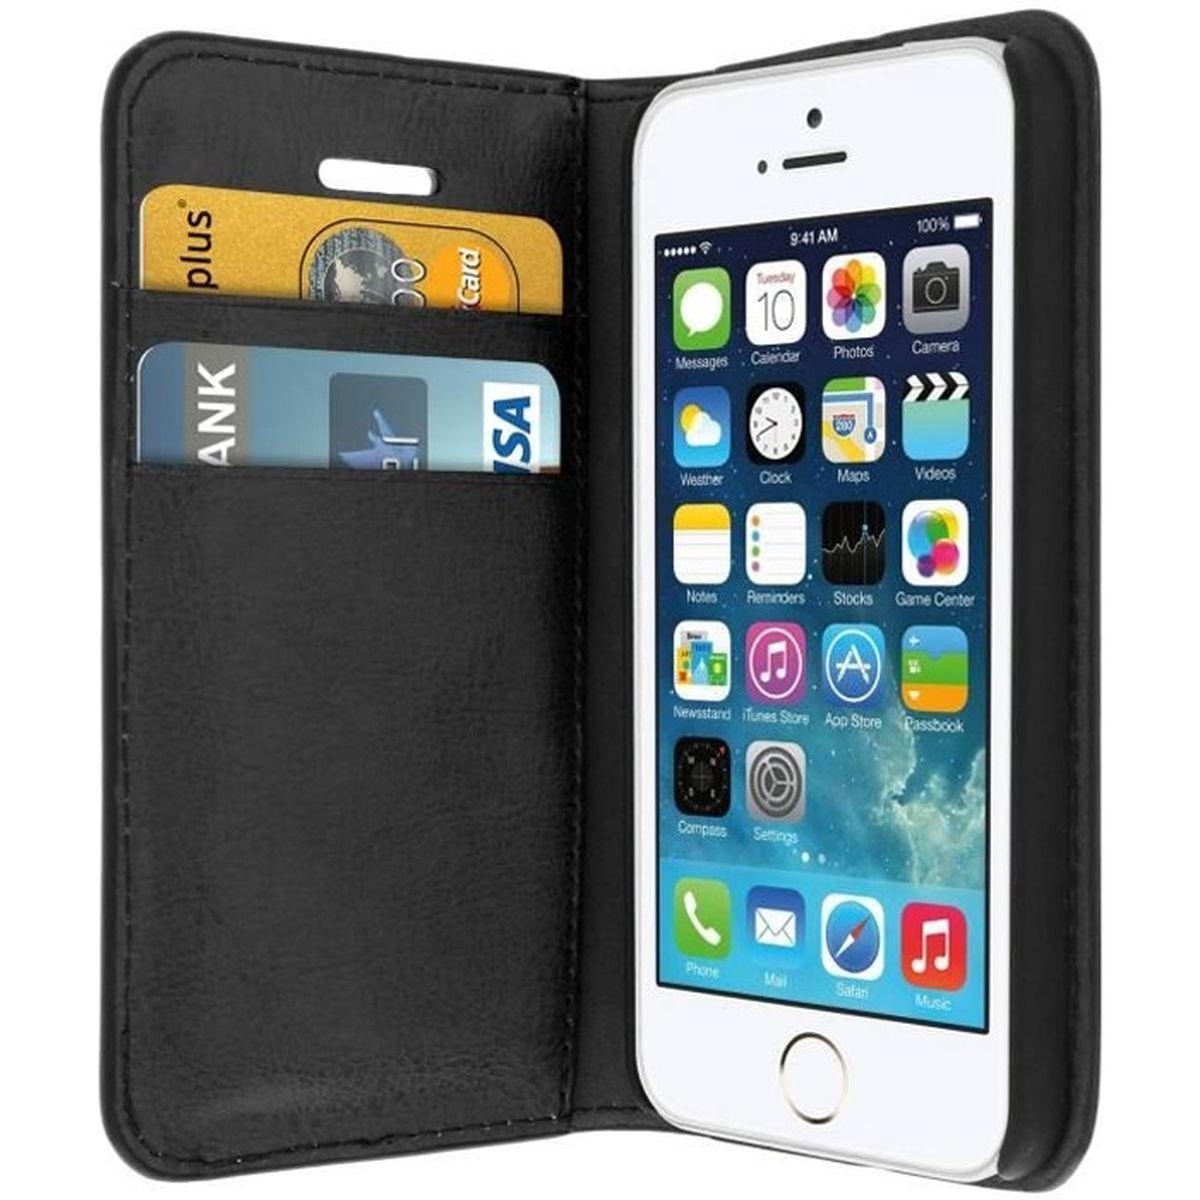 a6a6025217f2 Etui iphone se cuir veritable - Achat   Vente pas cher